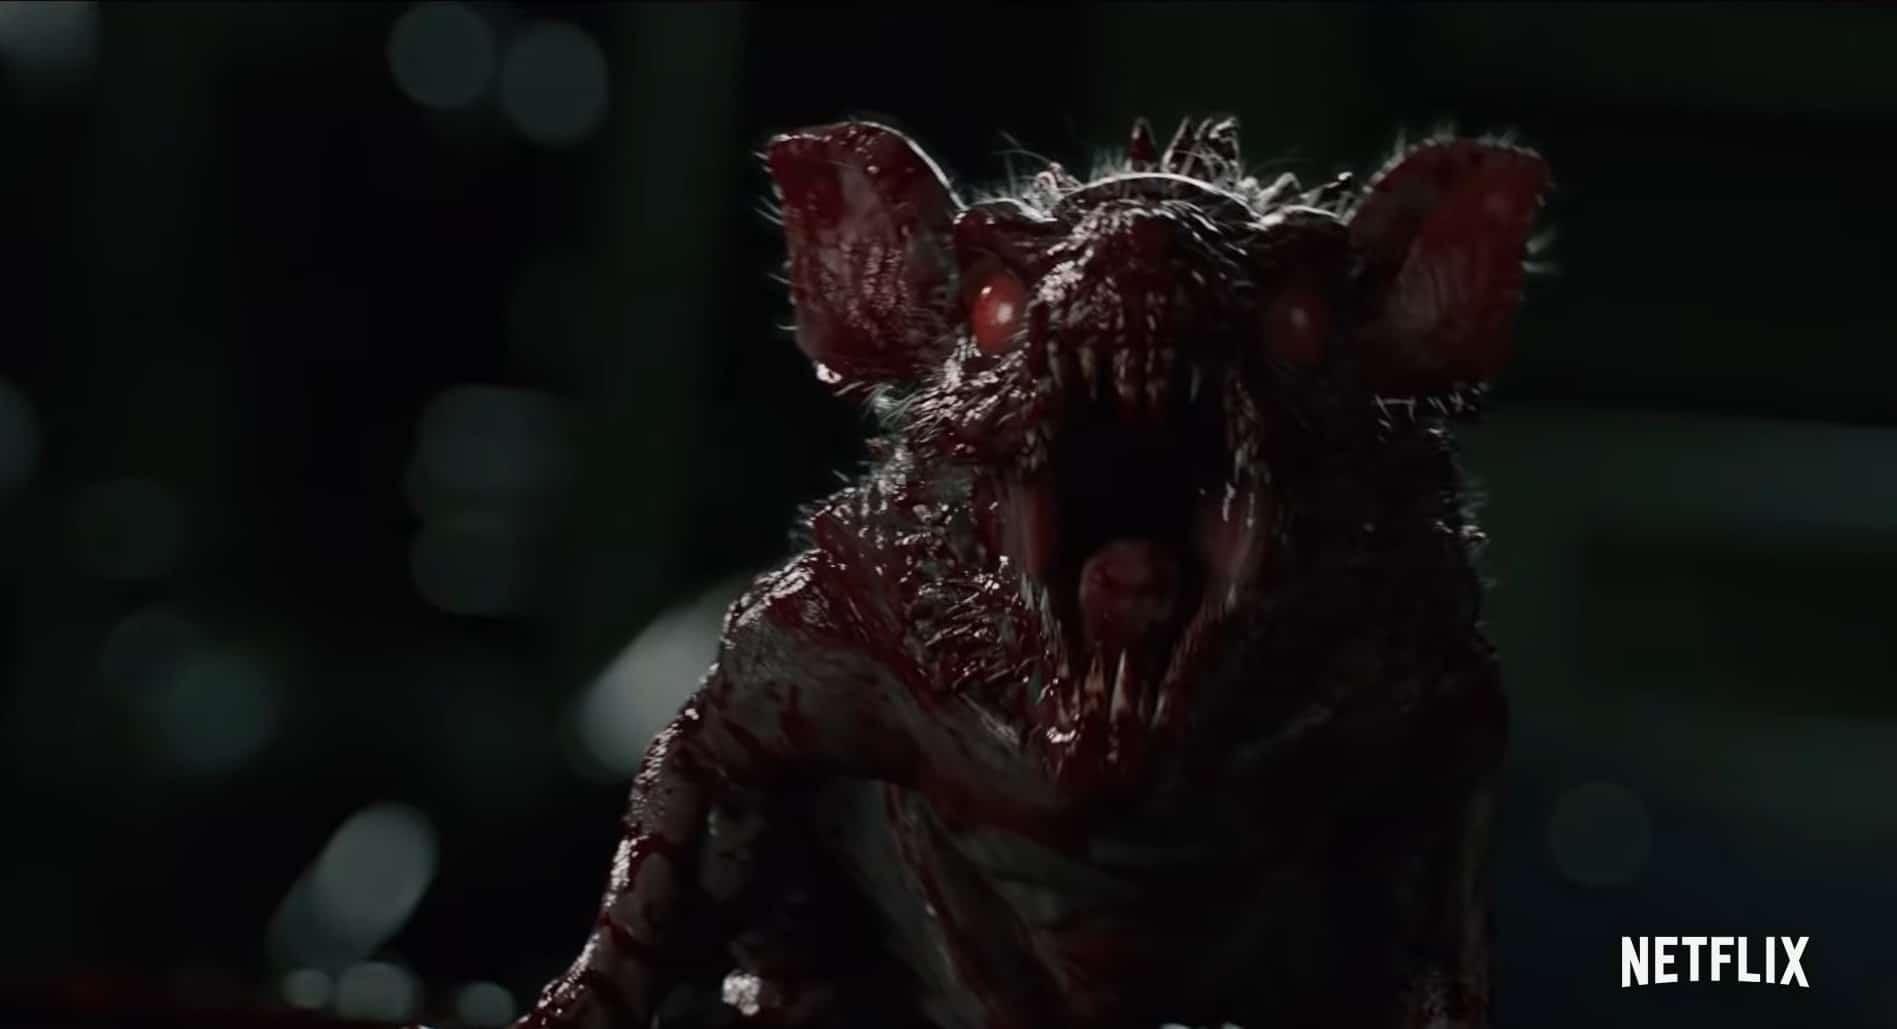 Een monster da tlijkt op een geïnfecteerde rat in de nieuwe Netflix serie Resident Evil: Infinite Darkness